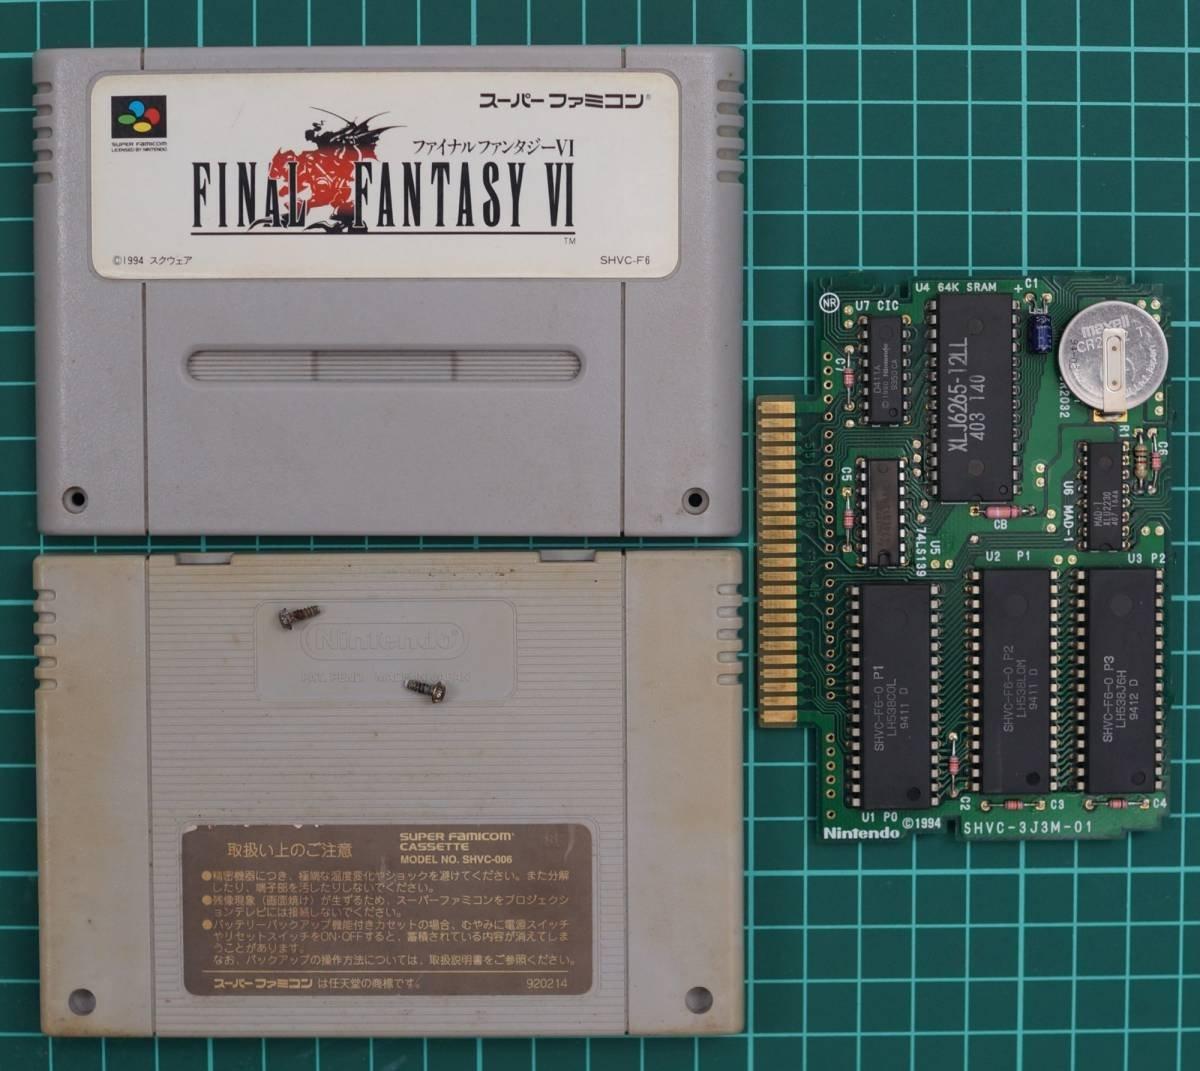 スーパーファミコン カートリッジ : FINAL FANTASY VI